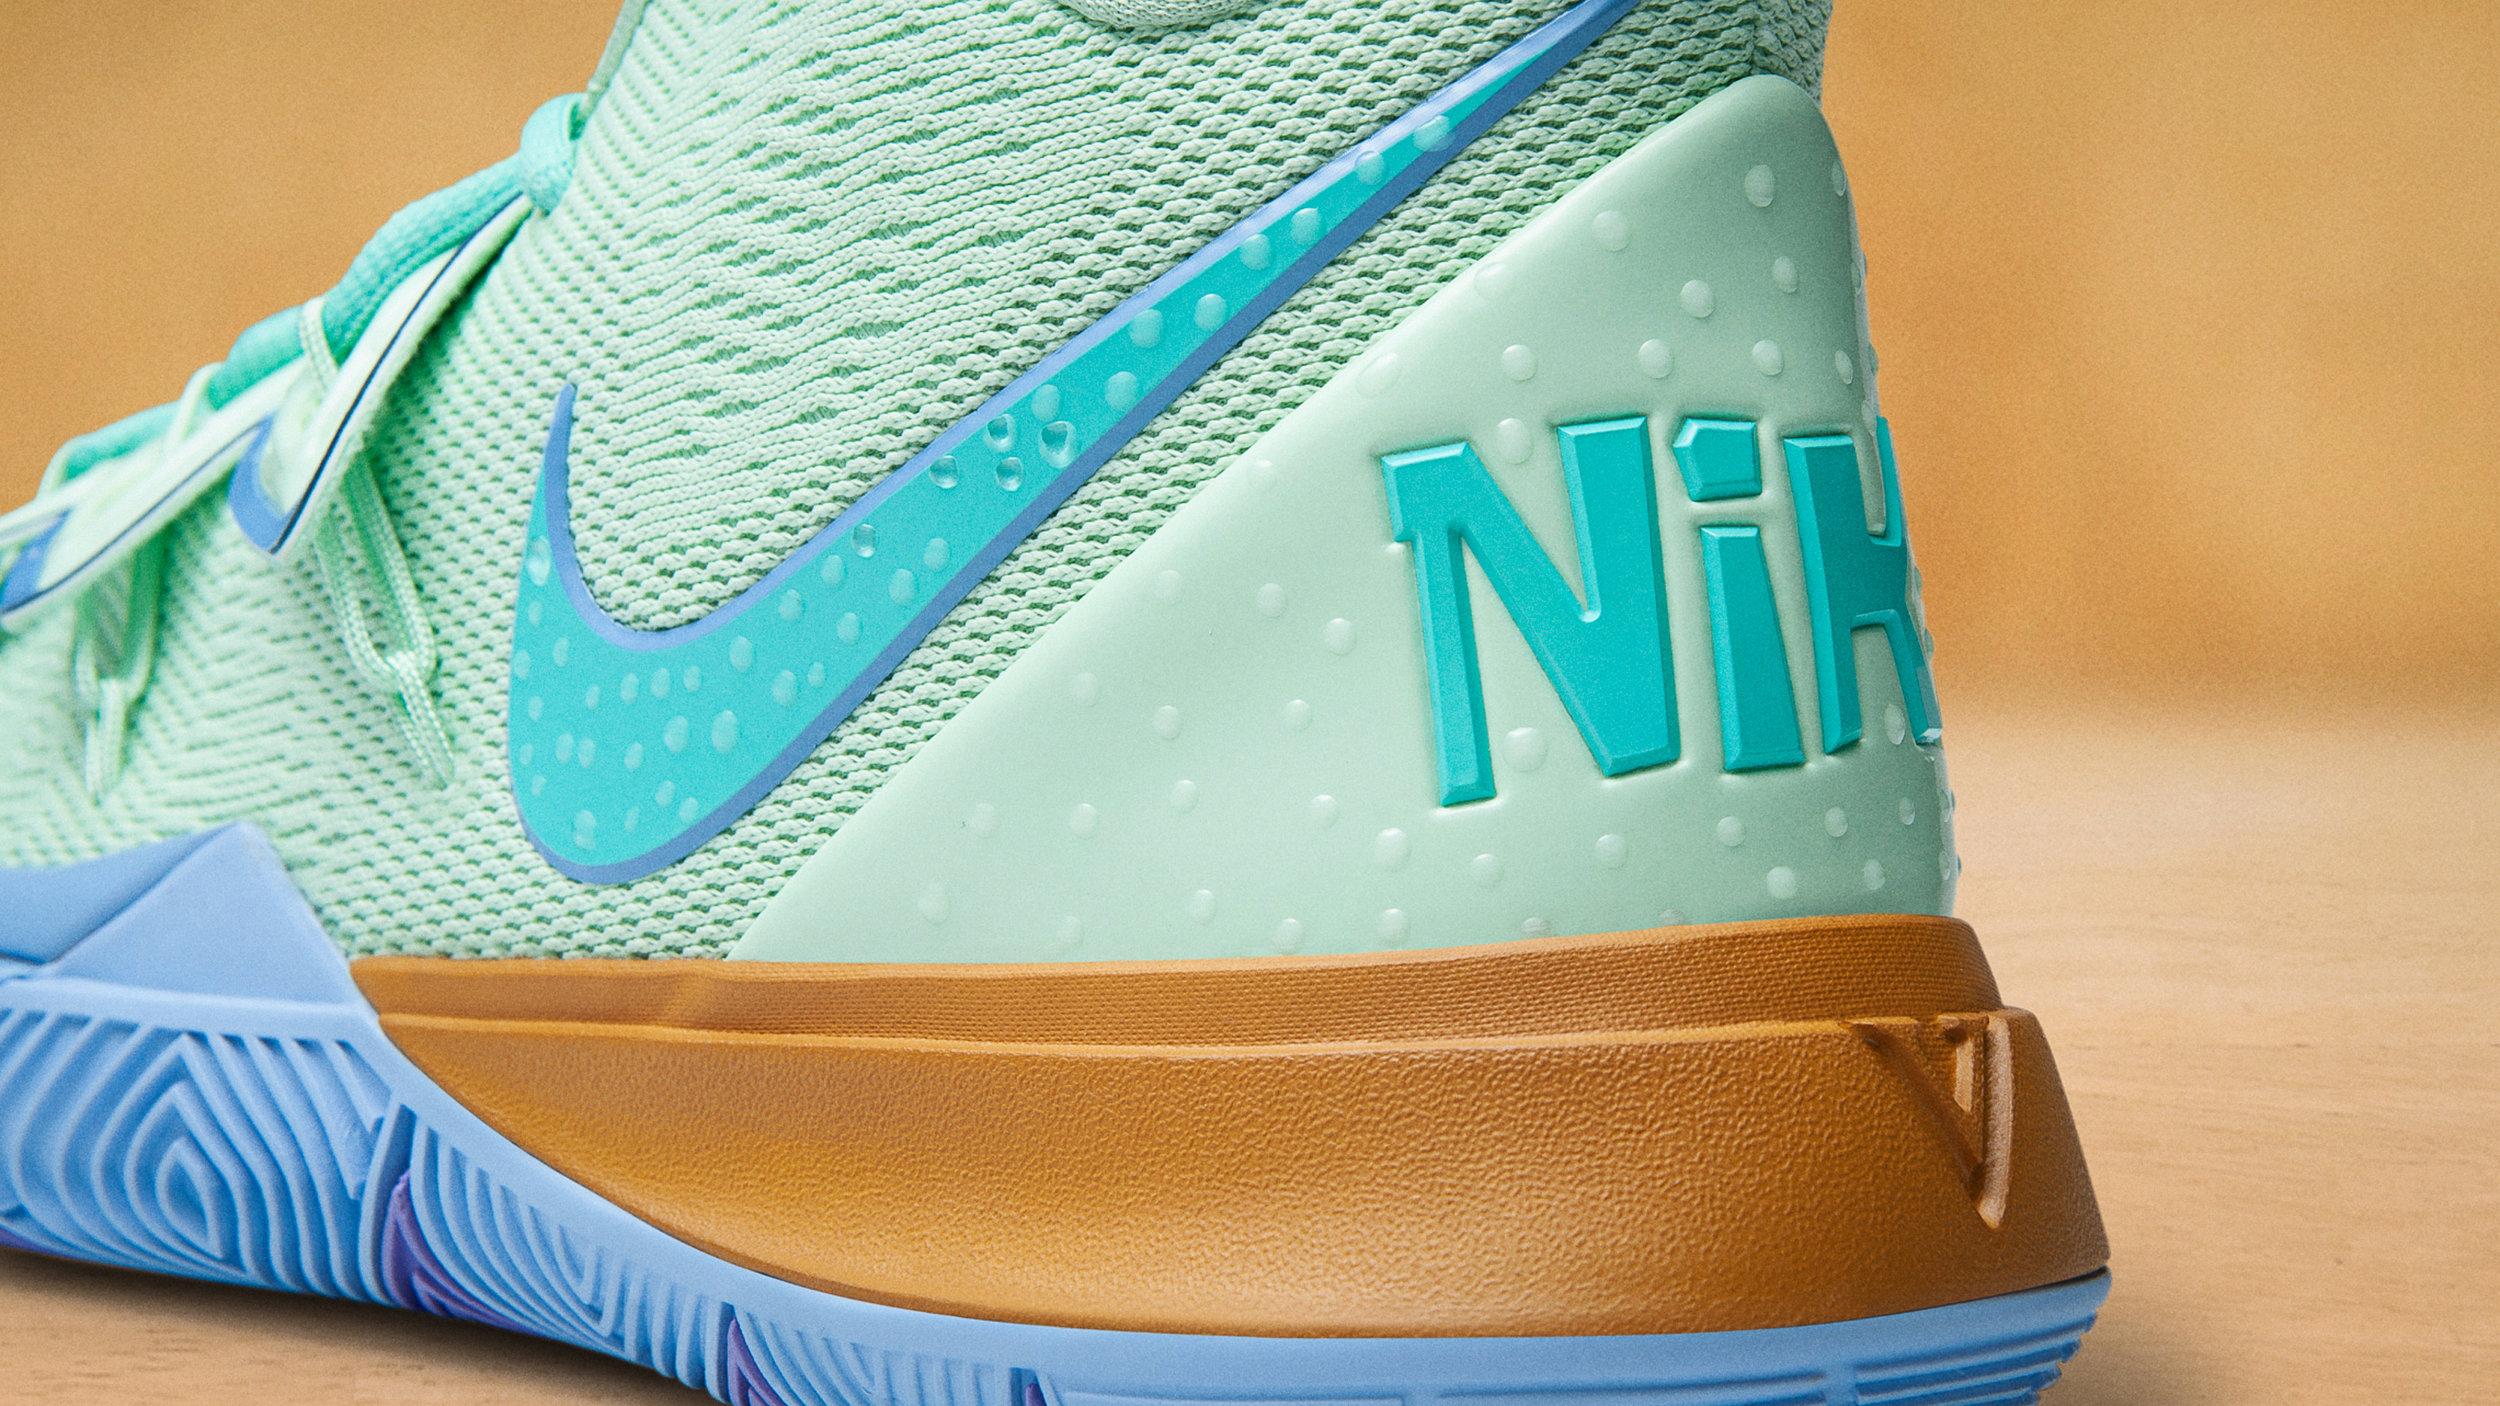 NikeNews_NikeBasketball_Kyrie_Spongebob_DSC_8109_1_89212.jpg